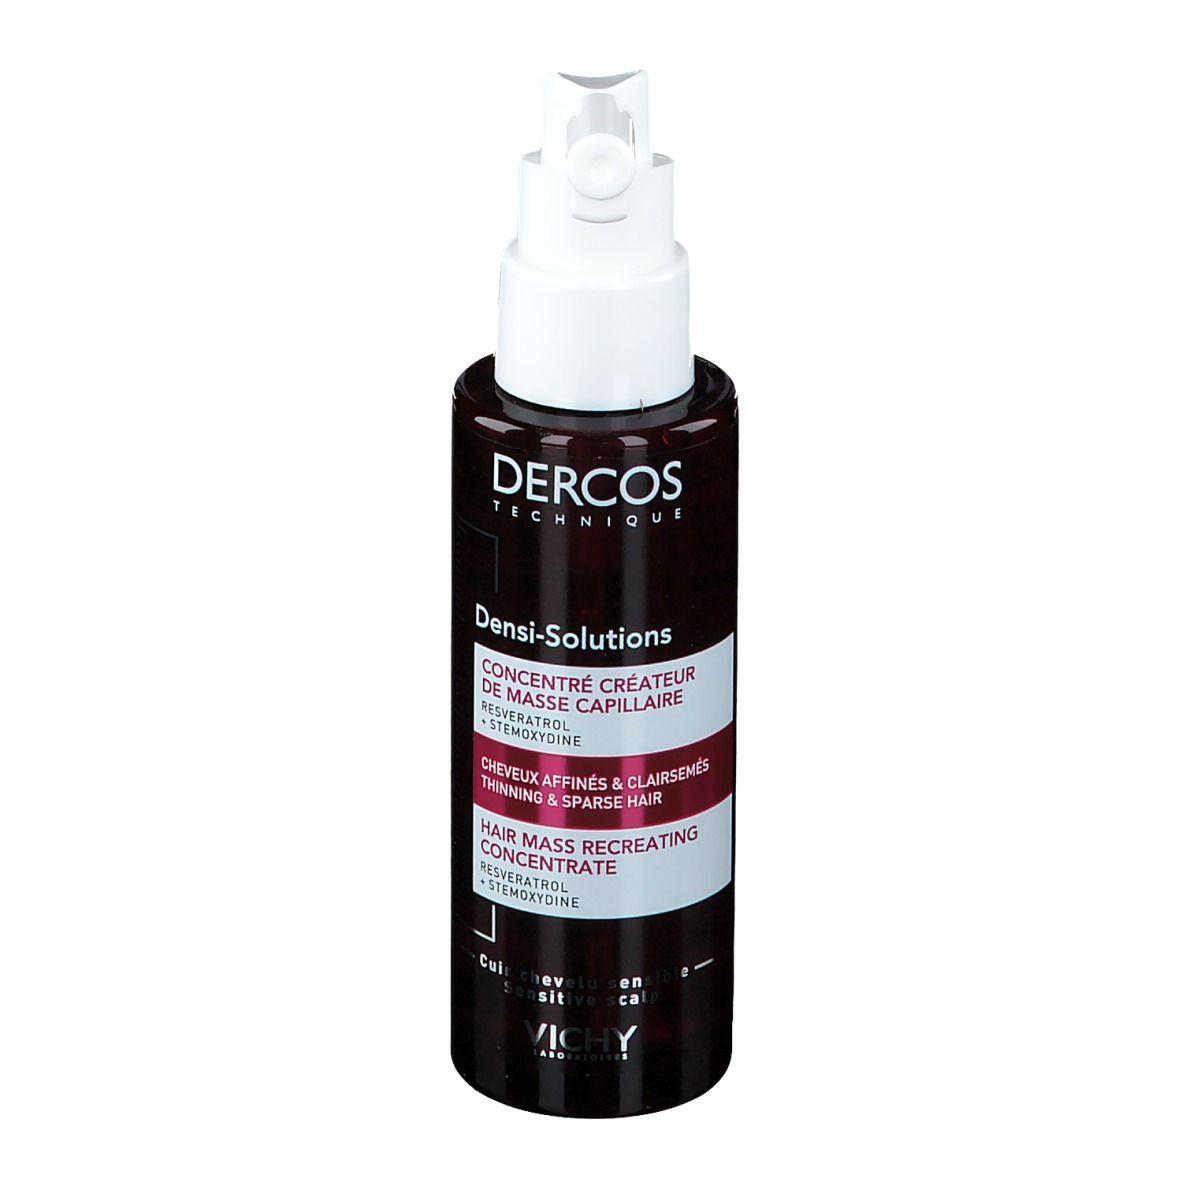 VICHY DERCOS Densi-Solutions Concentré créateur de masse capillaire ml concentré